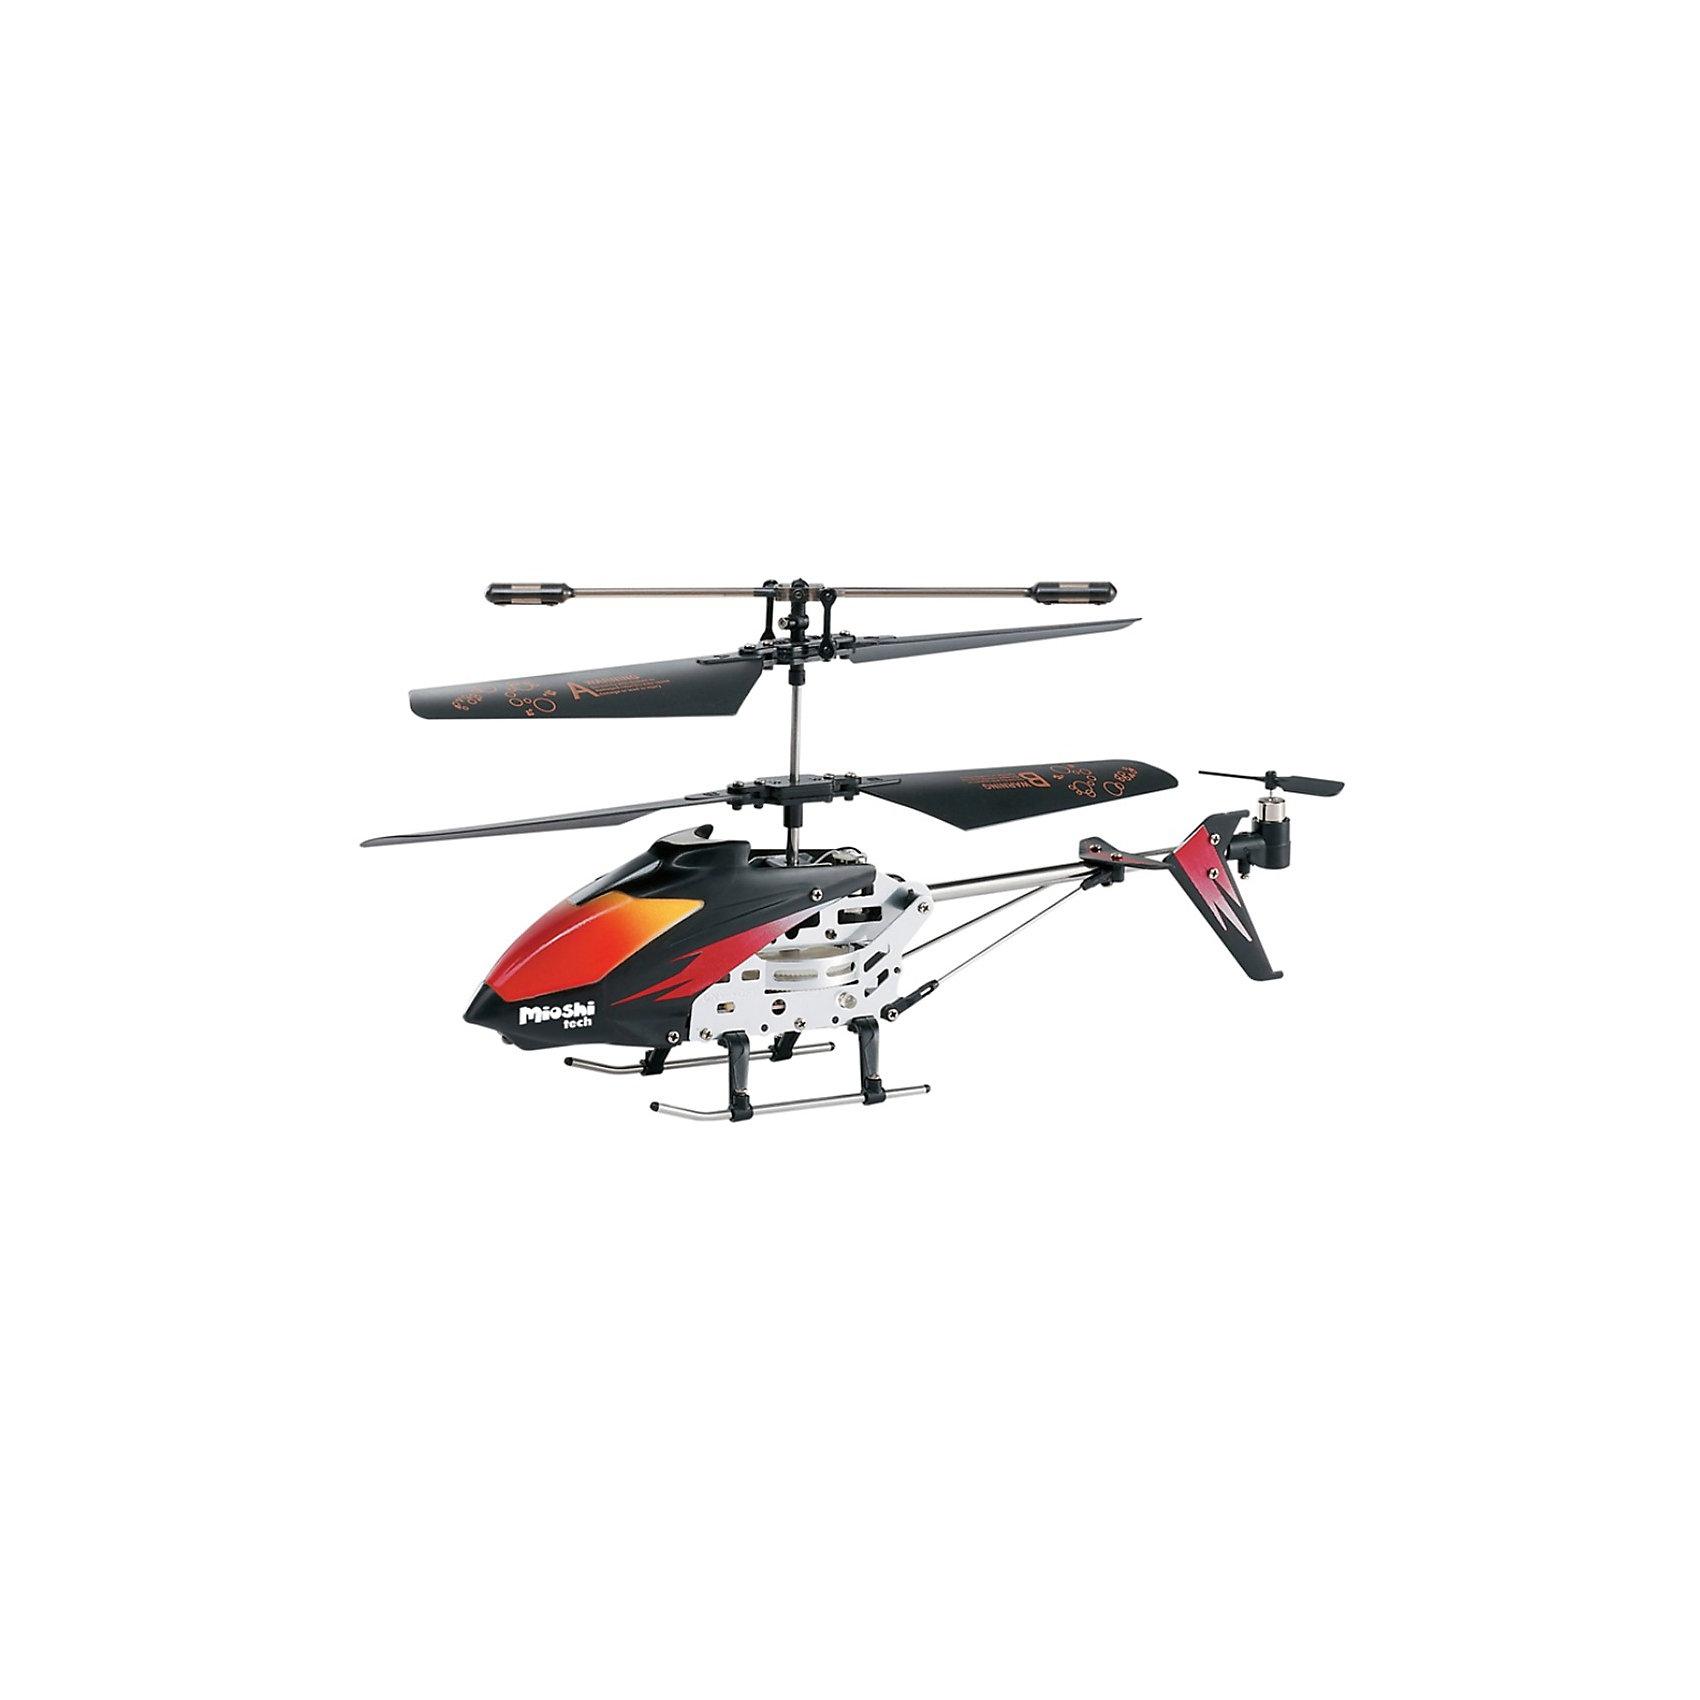 Вертолет Mercury, на и/к управлении, Mioshi TechРадиоуправляемый вертолёт Mioshi Tech Mercury понравится не только детям, но и взрослым. Встроенный гироскоп сделает ваш полёт увереннее и управление проще, а яркая подсветка корпуса обеспечит зрелищное шоу! Выполняйте разнообразные трюки и покоряйте новые высоты, позовите друзей и поразите их своим мастерским полётом! В комплекте идёт запасной хвостовой винт и отвёртка, так что небольшая поломка не выведет вас из строя.<br> <br>Дополнительная информация:<br><br>- В комплекте: собранный, полностью готовый к полету вертолет, инфракрасный пульт ДУ, запасной хвостовой винт, инструкция, отвертка<br>- LED (светодиодная) подсветка корпуса<br>- 3,5 канала<br>- Направления полета: вперед, назад, взлет, посадка, повороты направо/налево/вращение против часовой стрелки<br>- Гироскоп<br>- Питание устройства: аккумулятор с зарядкой от пульта ДУ<br>- Питание пульта ДУ: 6 батареек типа AA (приобретаются отдельно)<br>- Радиус действия: до 10 м.<br>- Время работы от аккумулятора: 5 - 6 мин.<br>- Время зарядки: 60 минут<br>- Максимальная скорость: 10 км/ч.<br>- Размеры вертолета: 37 x 105 x 230 мм.<br>- Диаметр несущего винта: 175 мм.<br>- Размеры упаковки: 460 х 80 х 160 мм.<br>- Вес: 517 г.<br>- Материал: высококачественный пластик, металл<br><br>Вертолет Mercury, на и/к управлении, Mioshi Tech  можно купить в нашем магазине.<br><br>Ширина мм: 460<br>Глубина мм: 80<br>Высота мм: 160<br>Вес г: 517<br>Возраст от месяцев: 72<br>Возраст до месяцев: 1188<br>Пол: Мужской<br>Возраст: Детский<br>SKU: 3703440